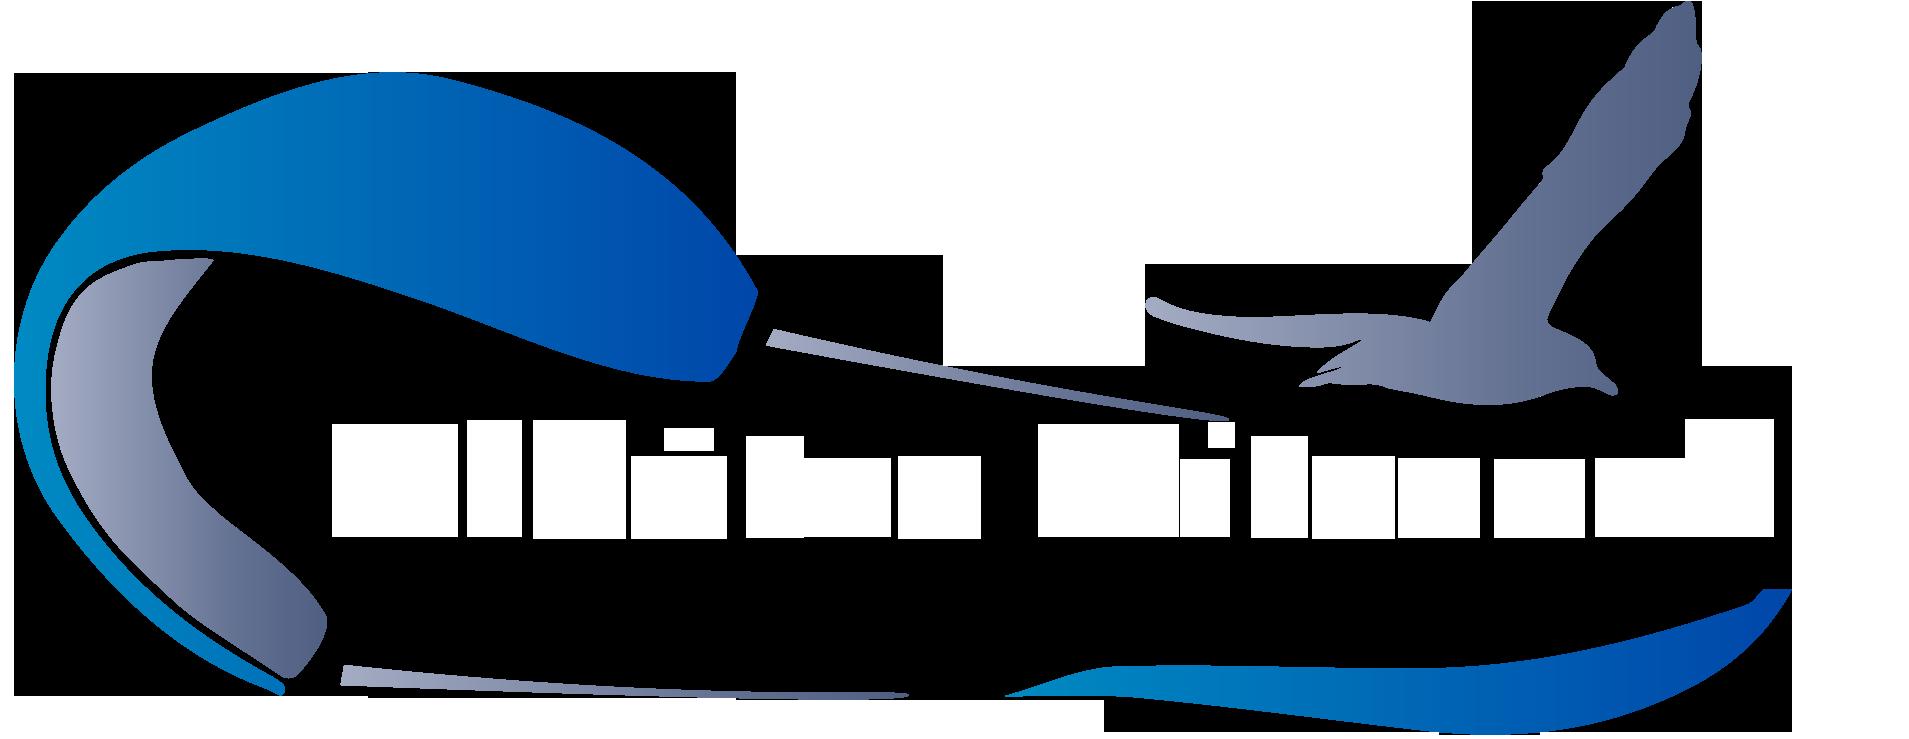 Albâtre Kitesurf